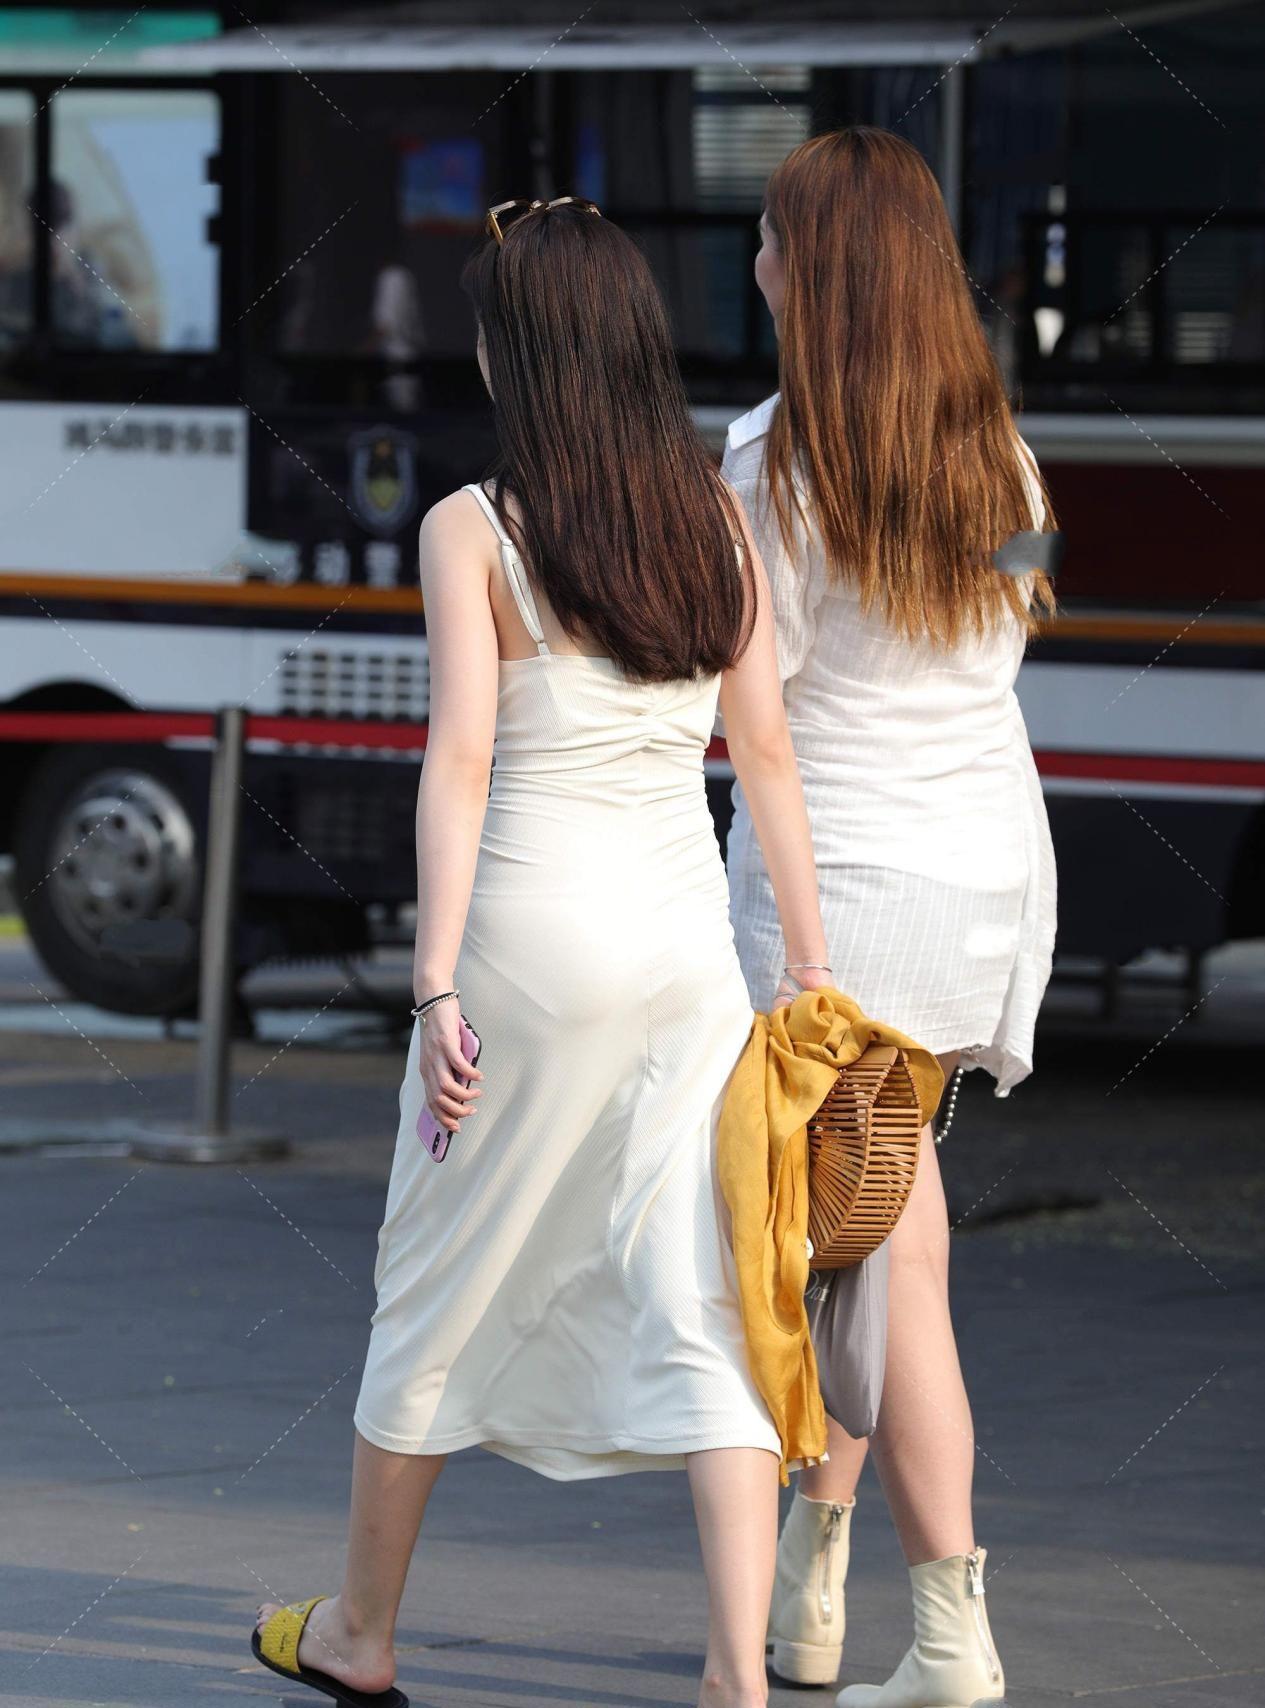 米白色长款连衣裙,时尚精致,大方优雅,尽显高贵气场